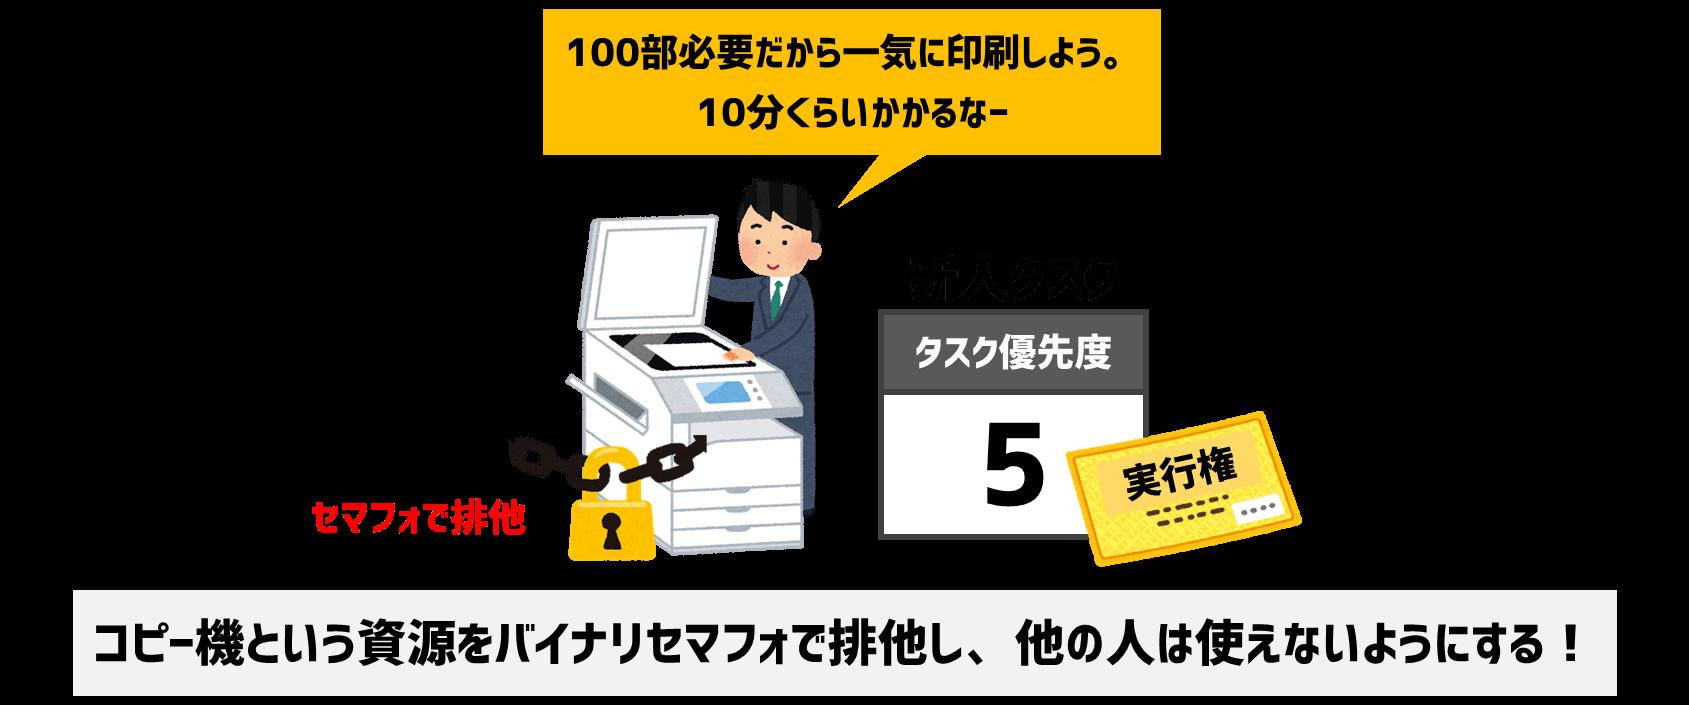 コピー機を排他制御